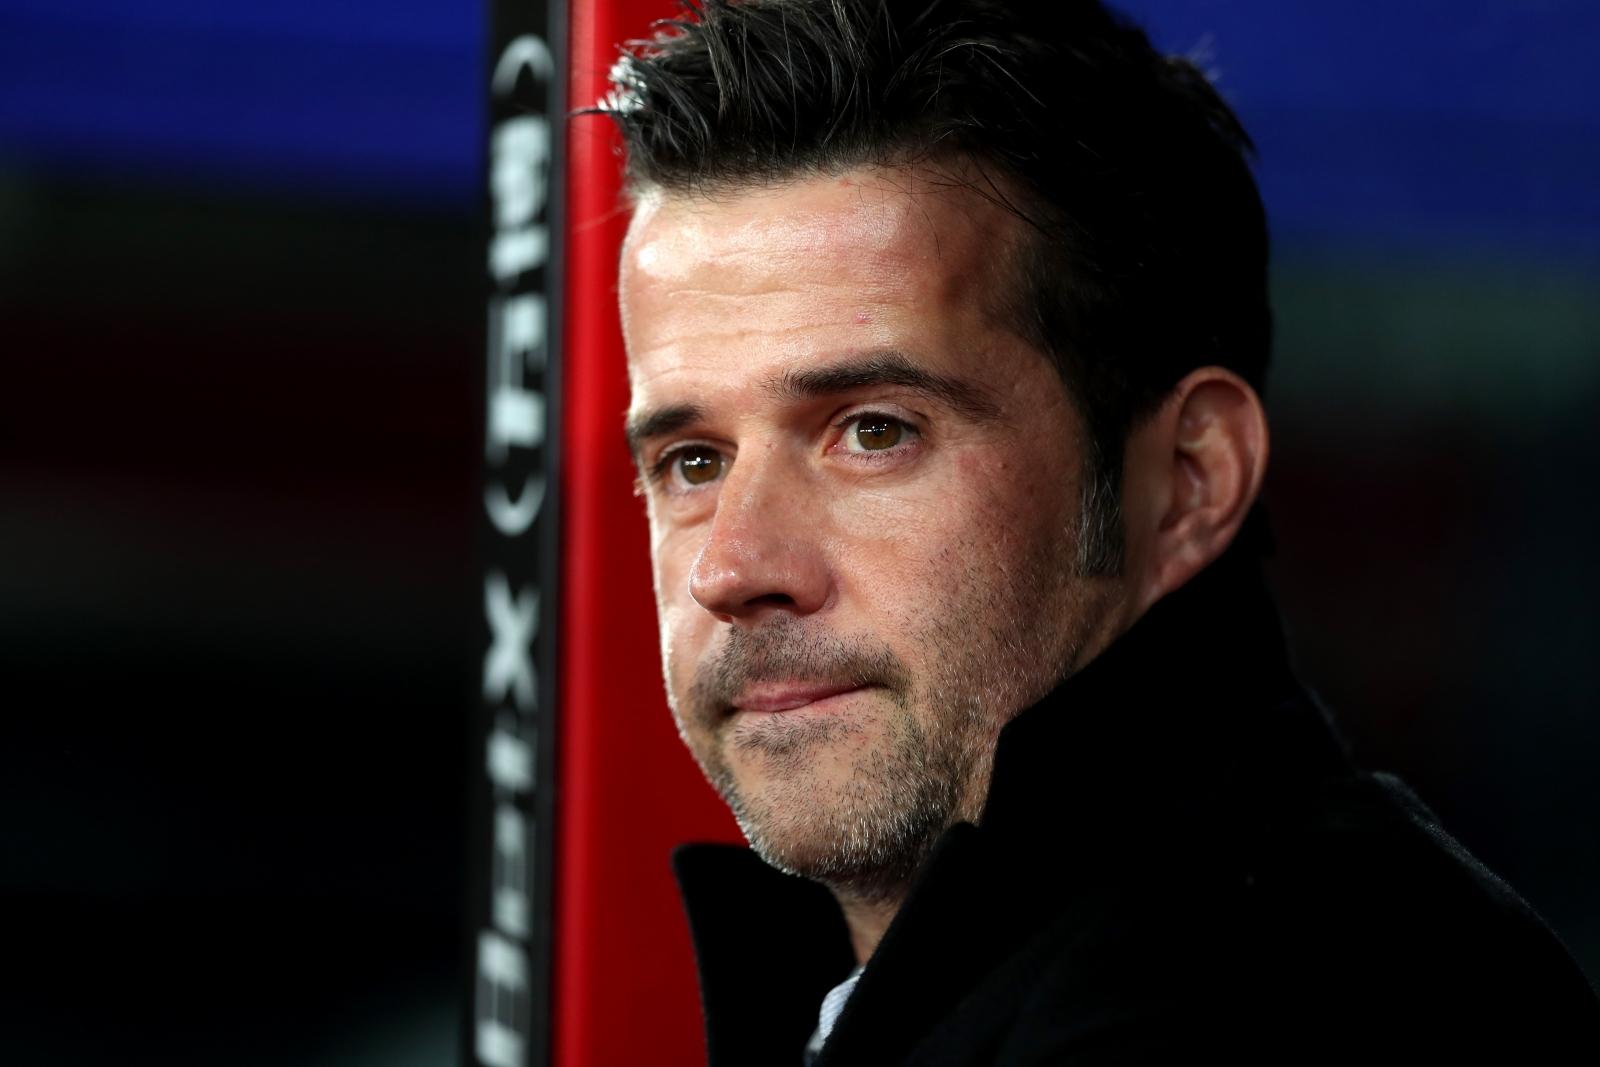 Silva sacked by Watford